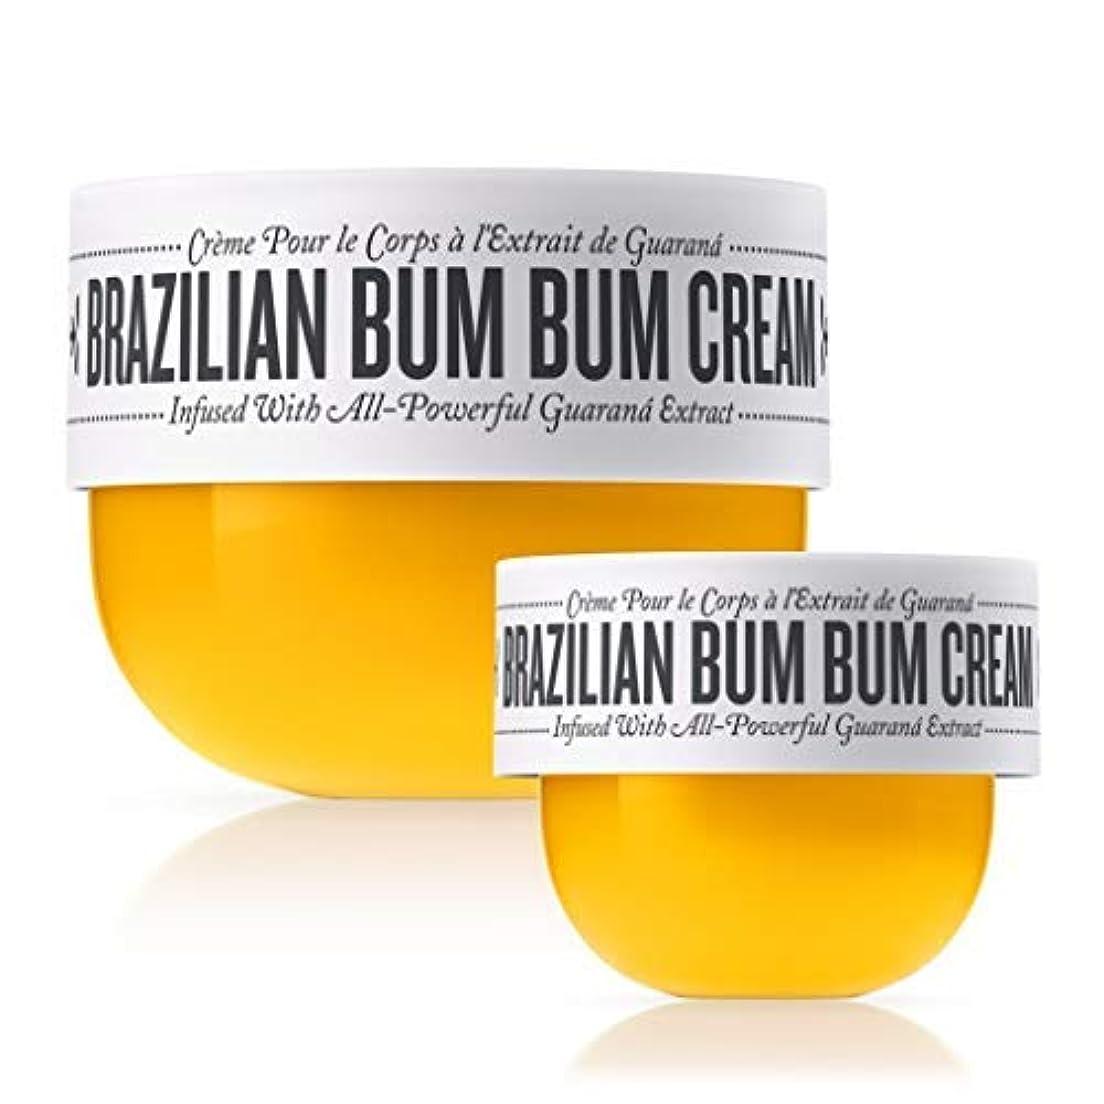 ハードウェア革命的移行Sol de Janeiro Bum Bum Cream Includes a full size (240ml) and a travel size (75ml) Brazilian Bum Bum Cream. -...